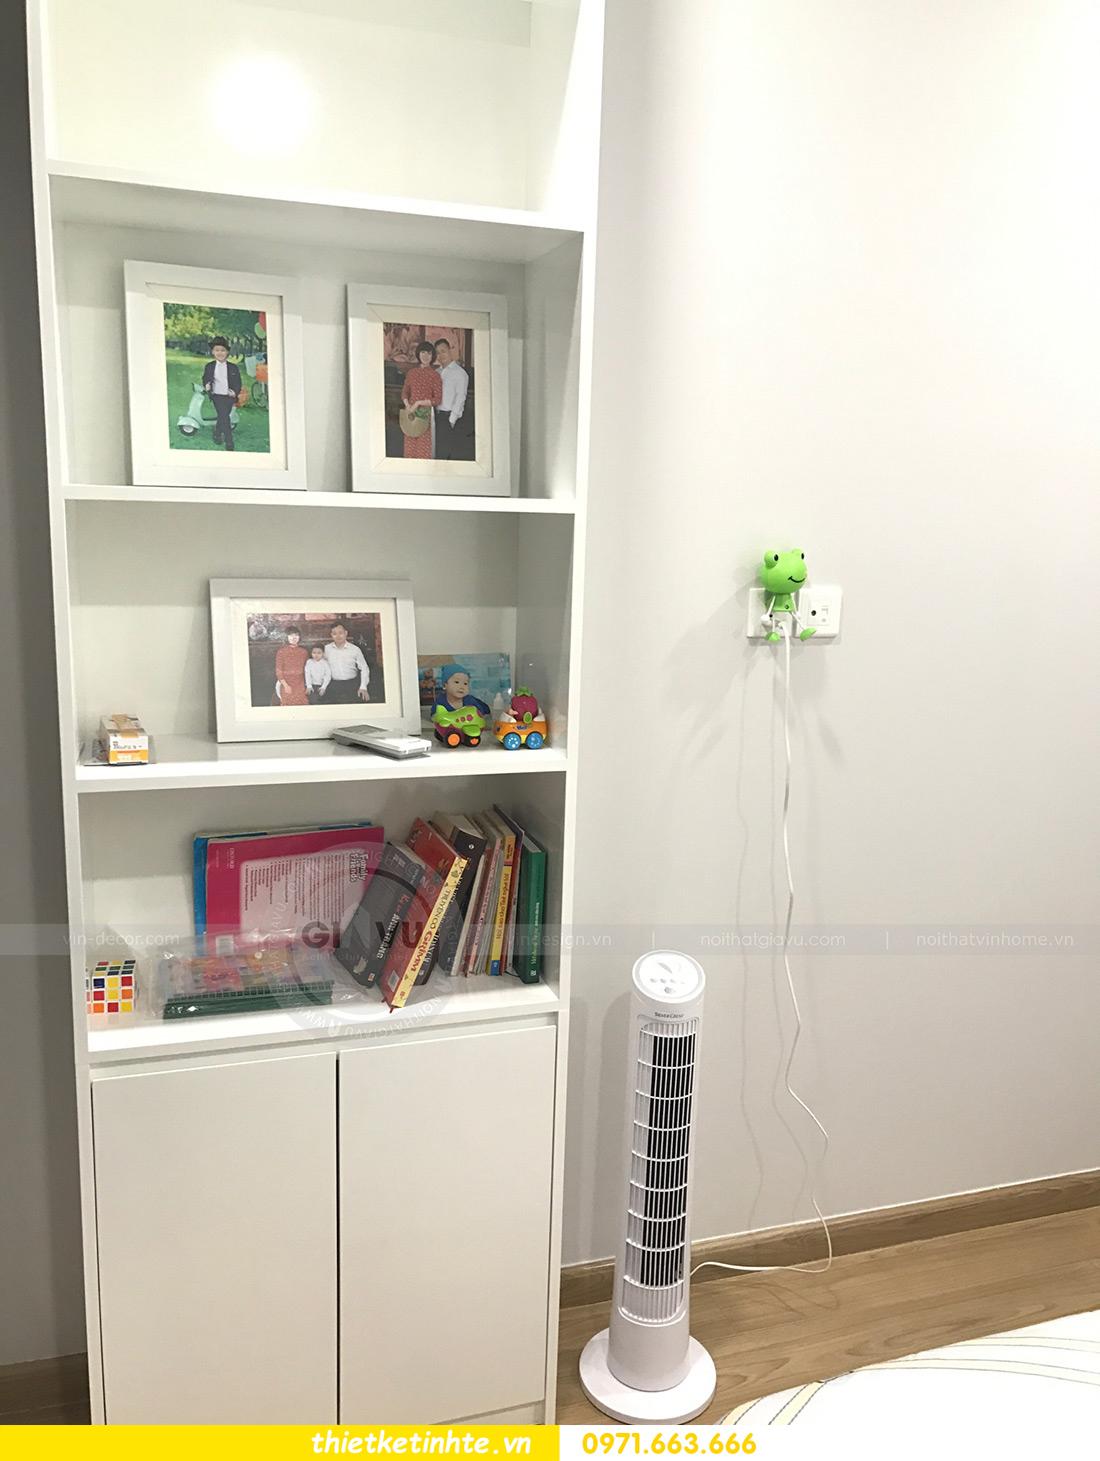 thi công hoàn thiện nội thất chung cư Gardenia chỉ với 200 triệu 12